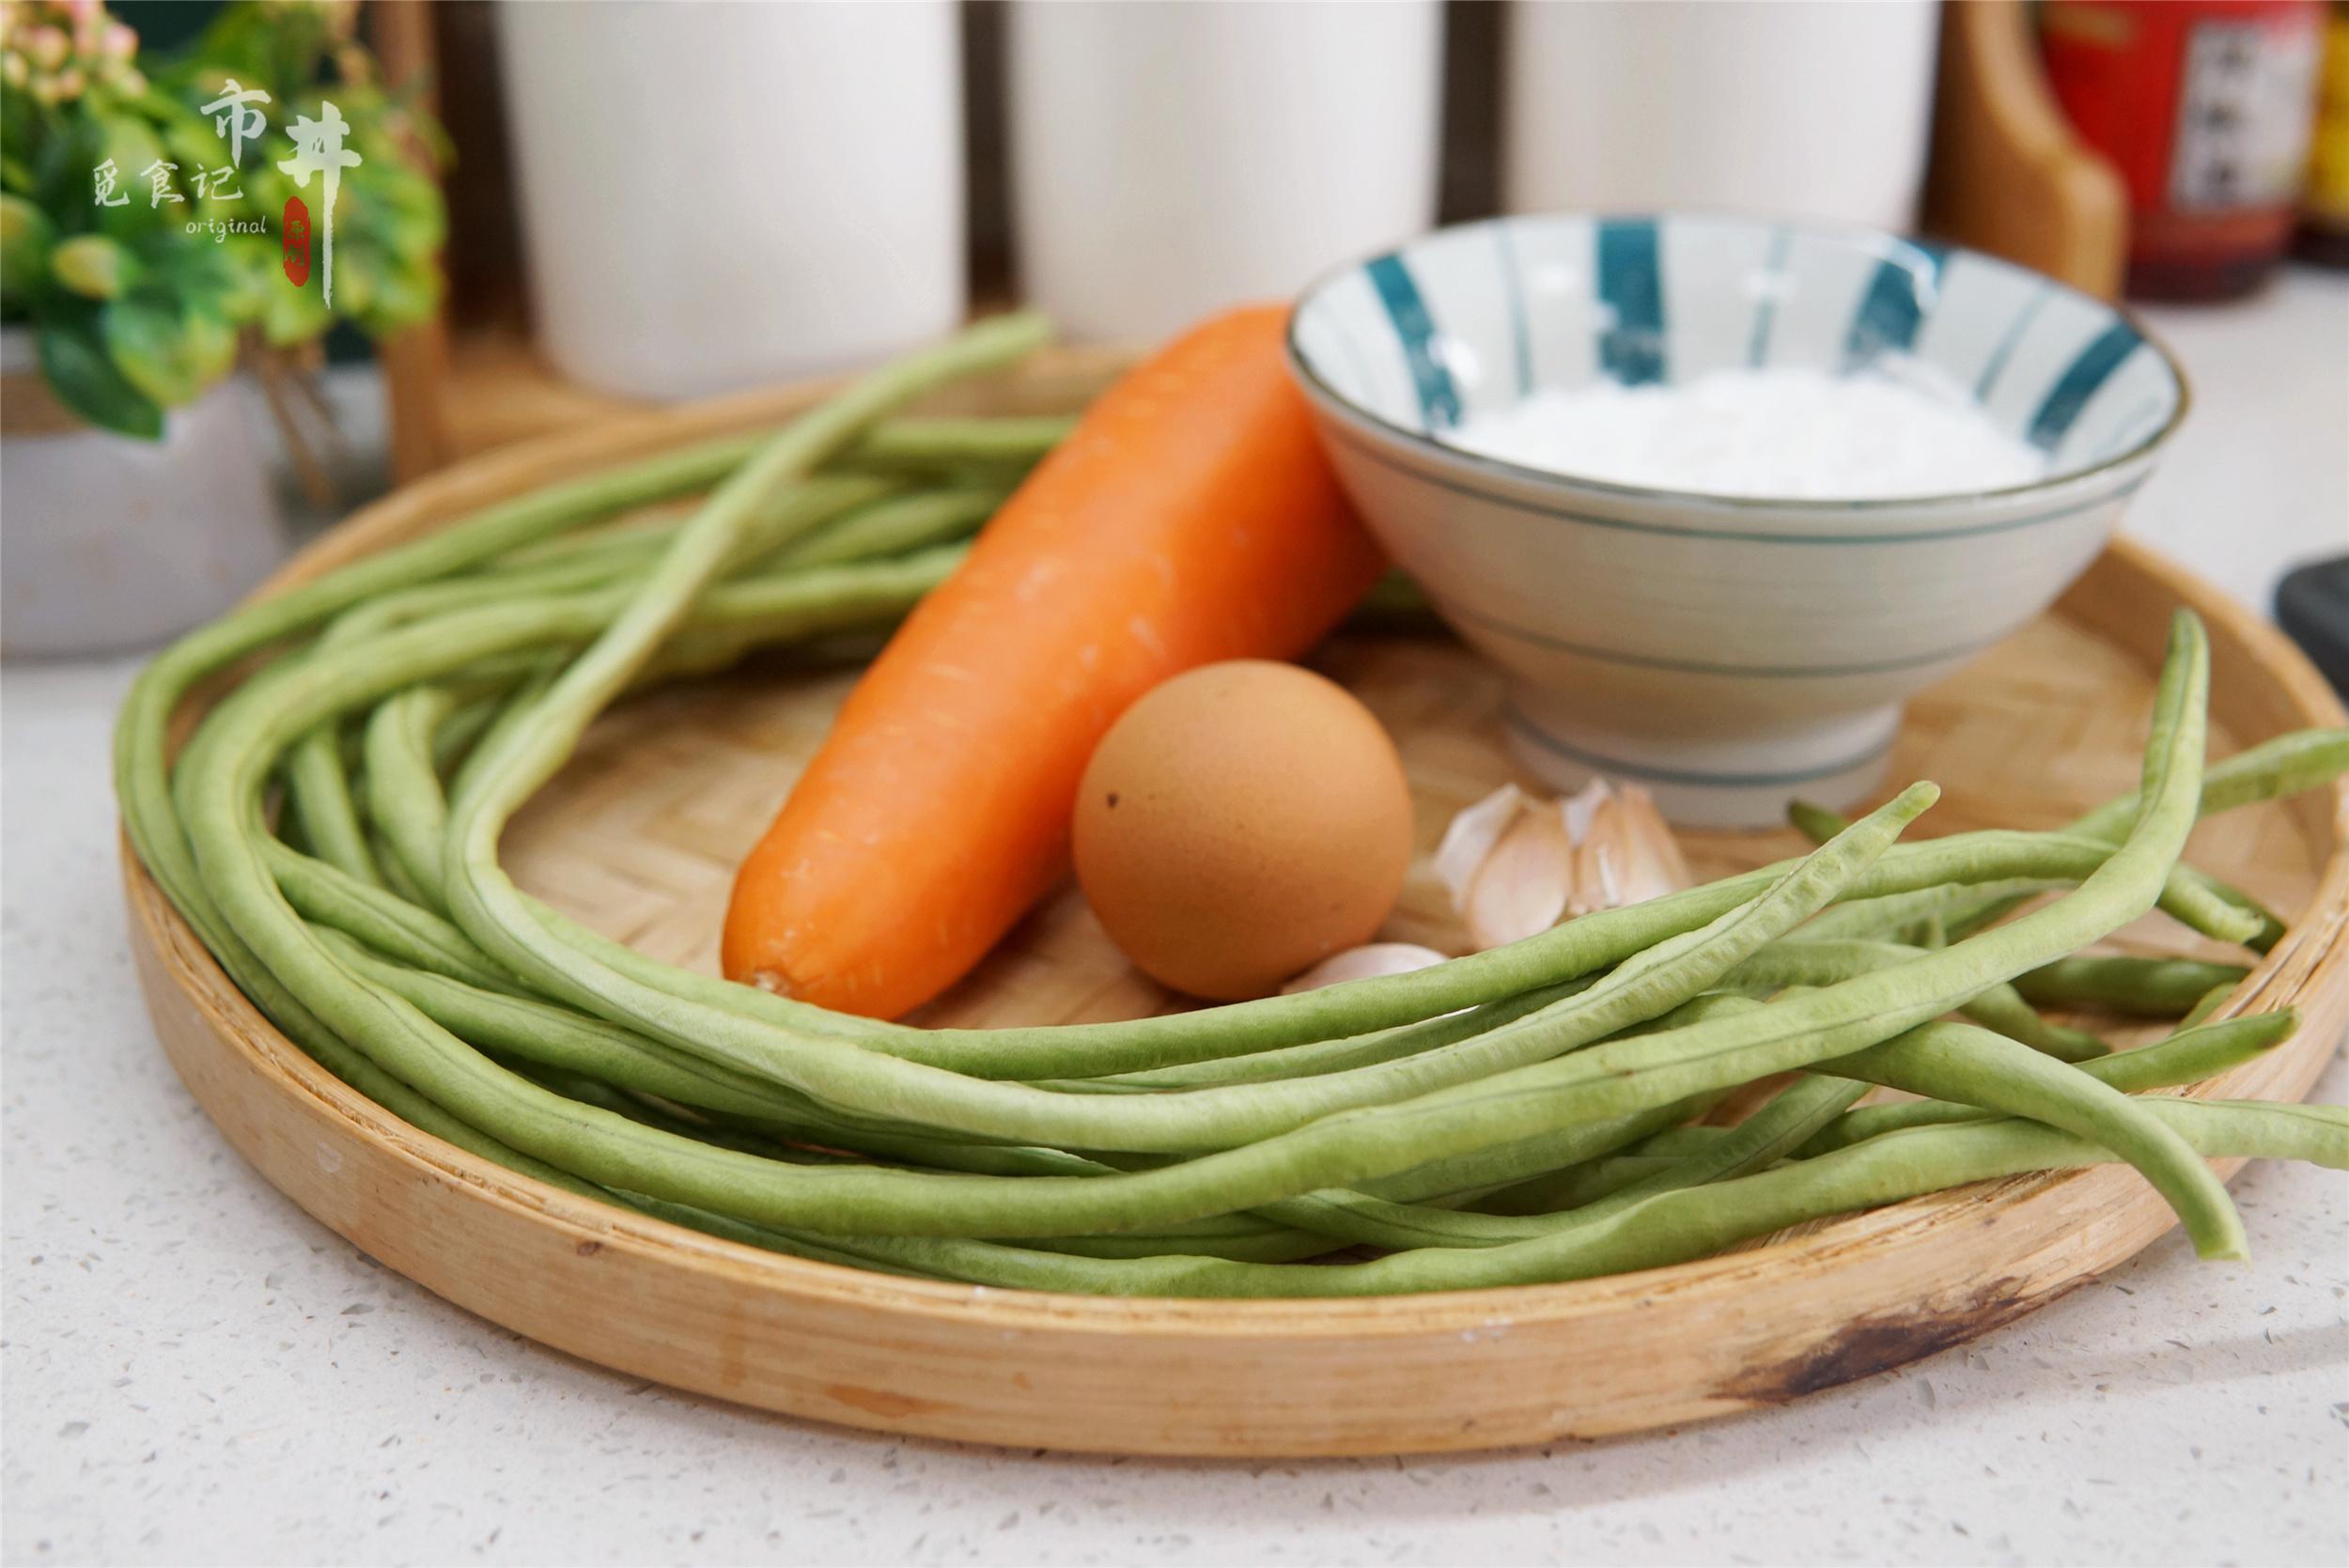 夏天,豆角和胡萝卜是绝配,蒸好蘸点料汁,一口一个,吃着真香